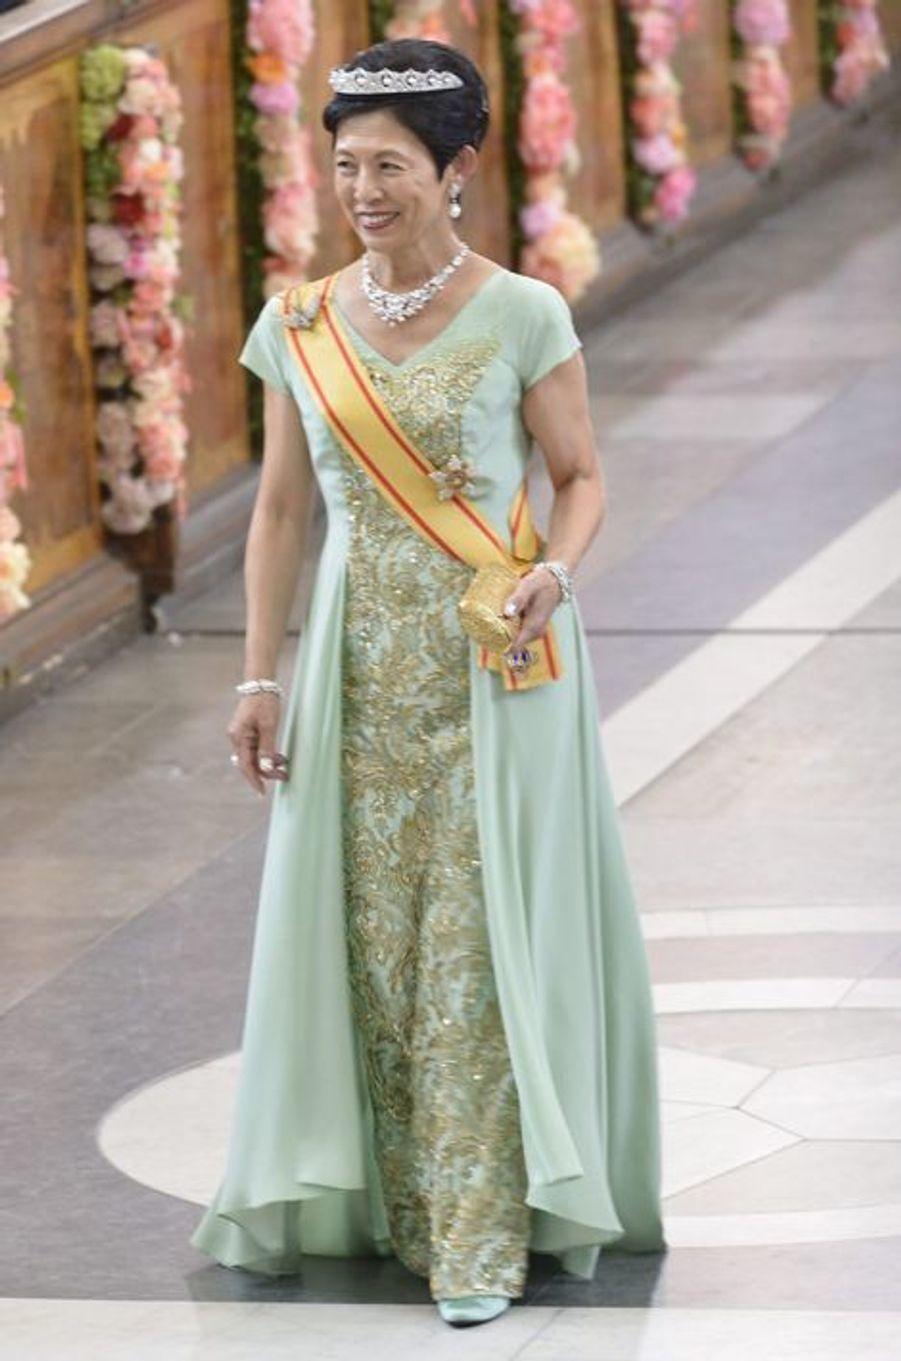 La princesse impériale Hisako de Takamado du Japon à Stockholm, le 13 juin 2015